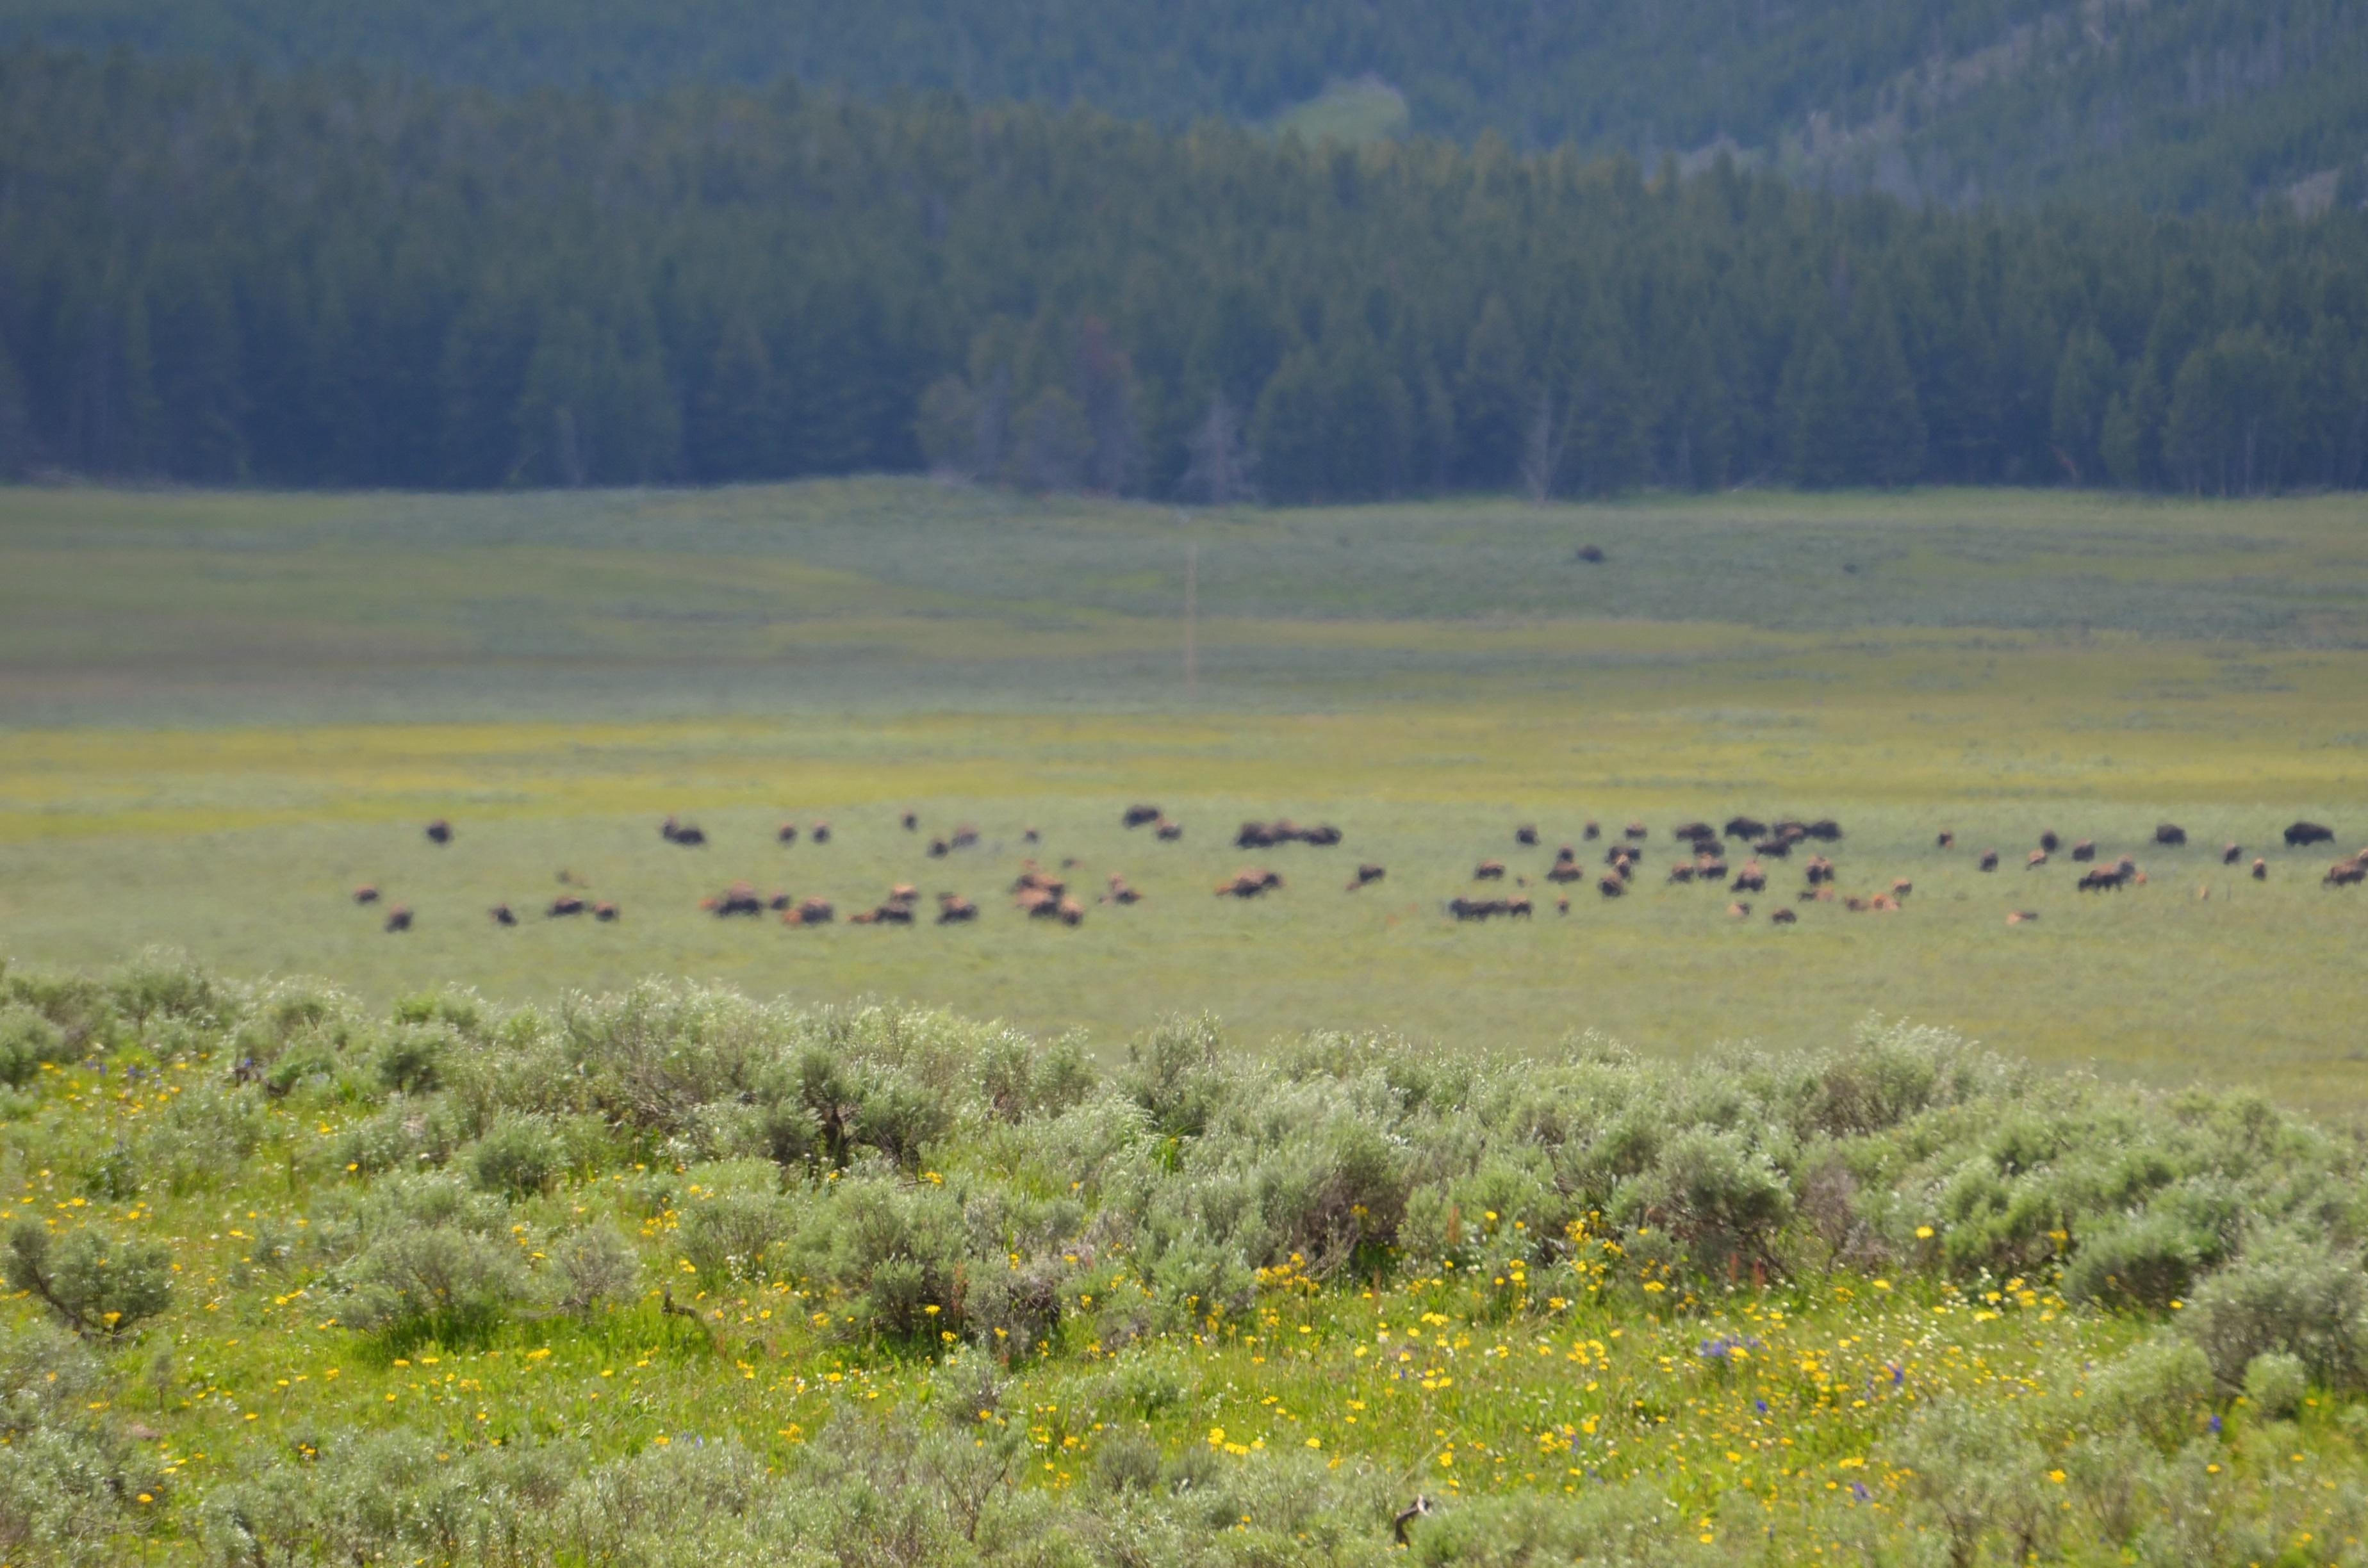 Hayden Valley bison herd